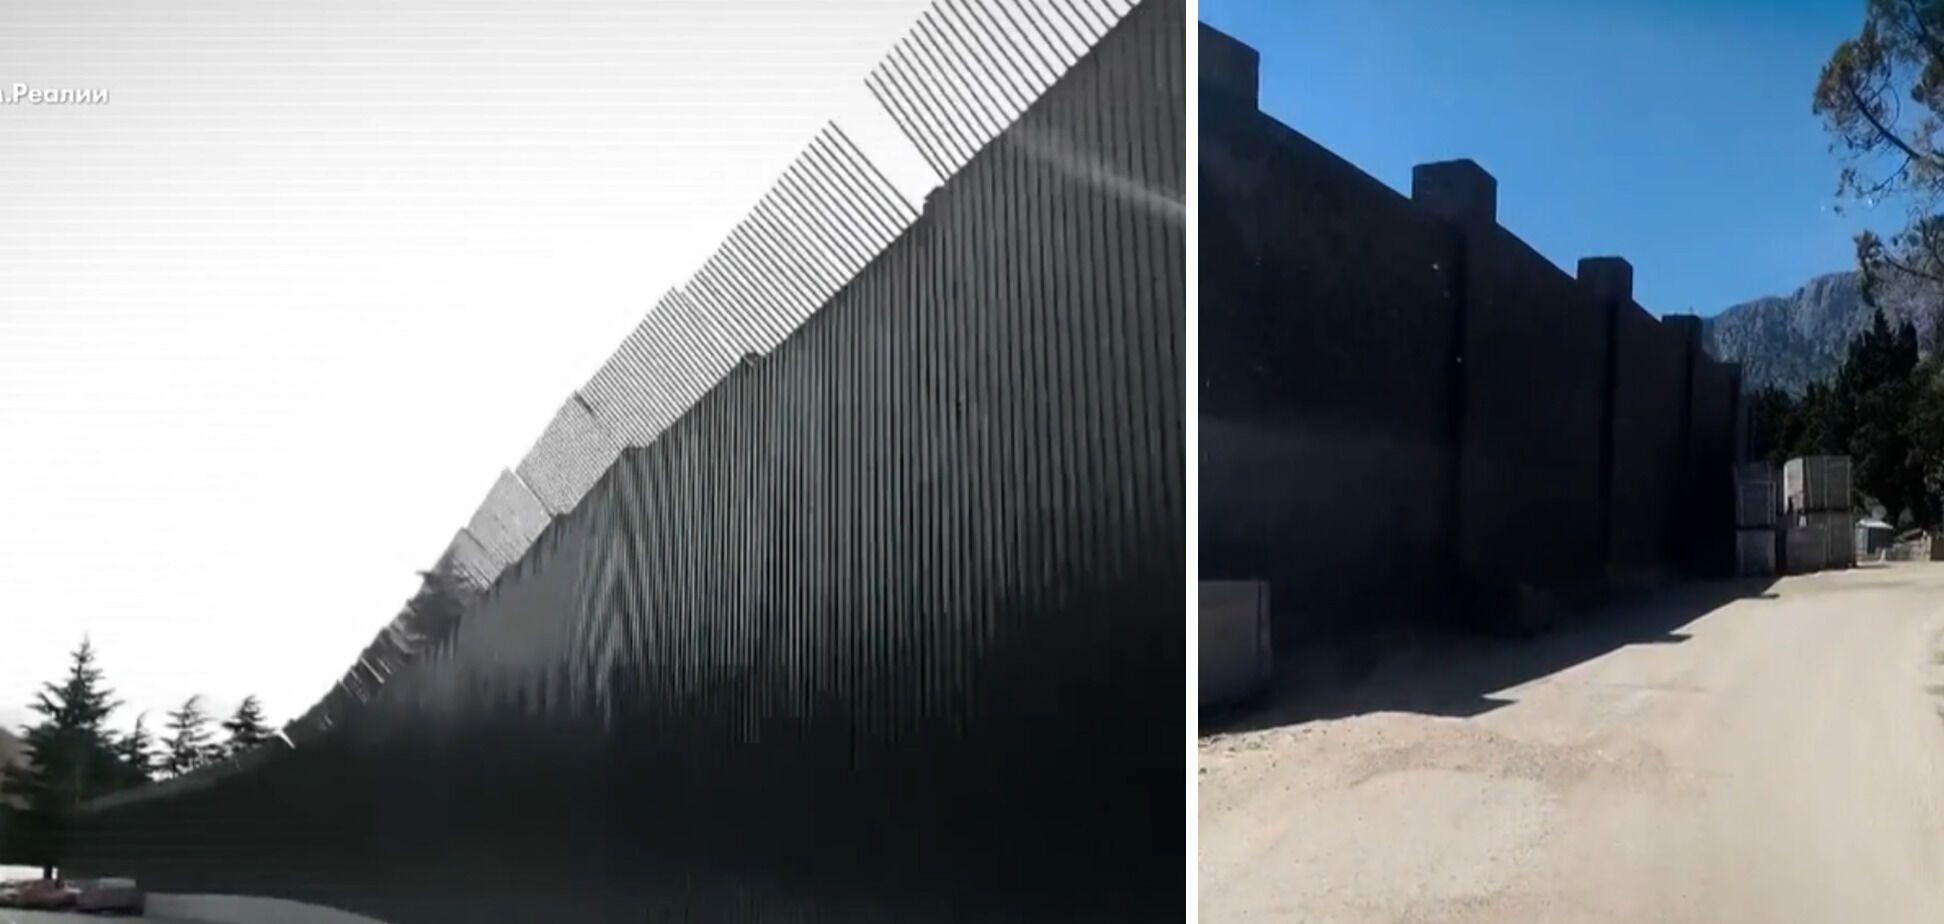 """Забор, которым огорожена территория """"крымской дачи"""" Путина, достигает 6 м"""